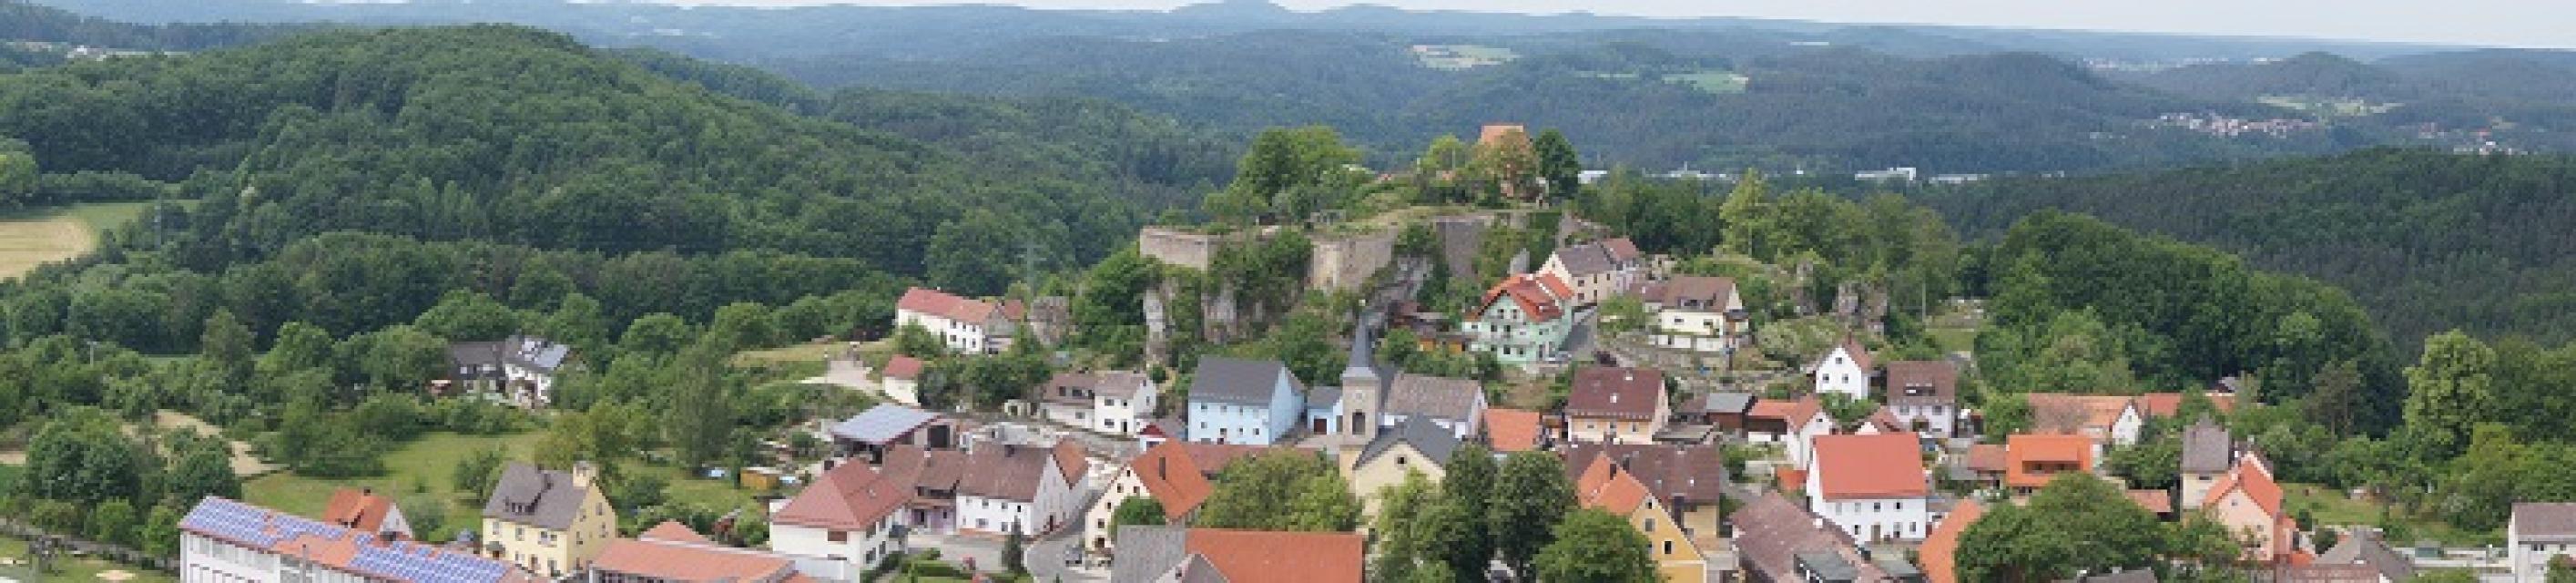 Panoramaansicht von Hartenstein - Gemeinde Hartenstein